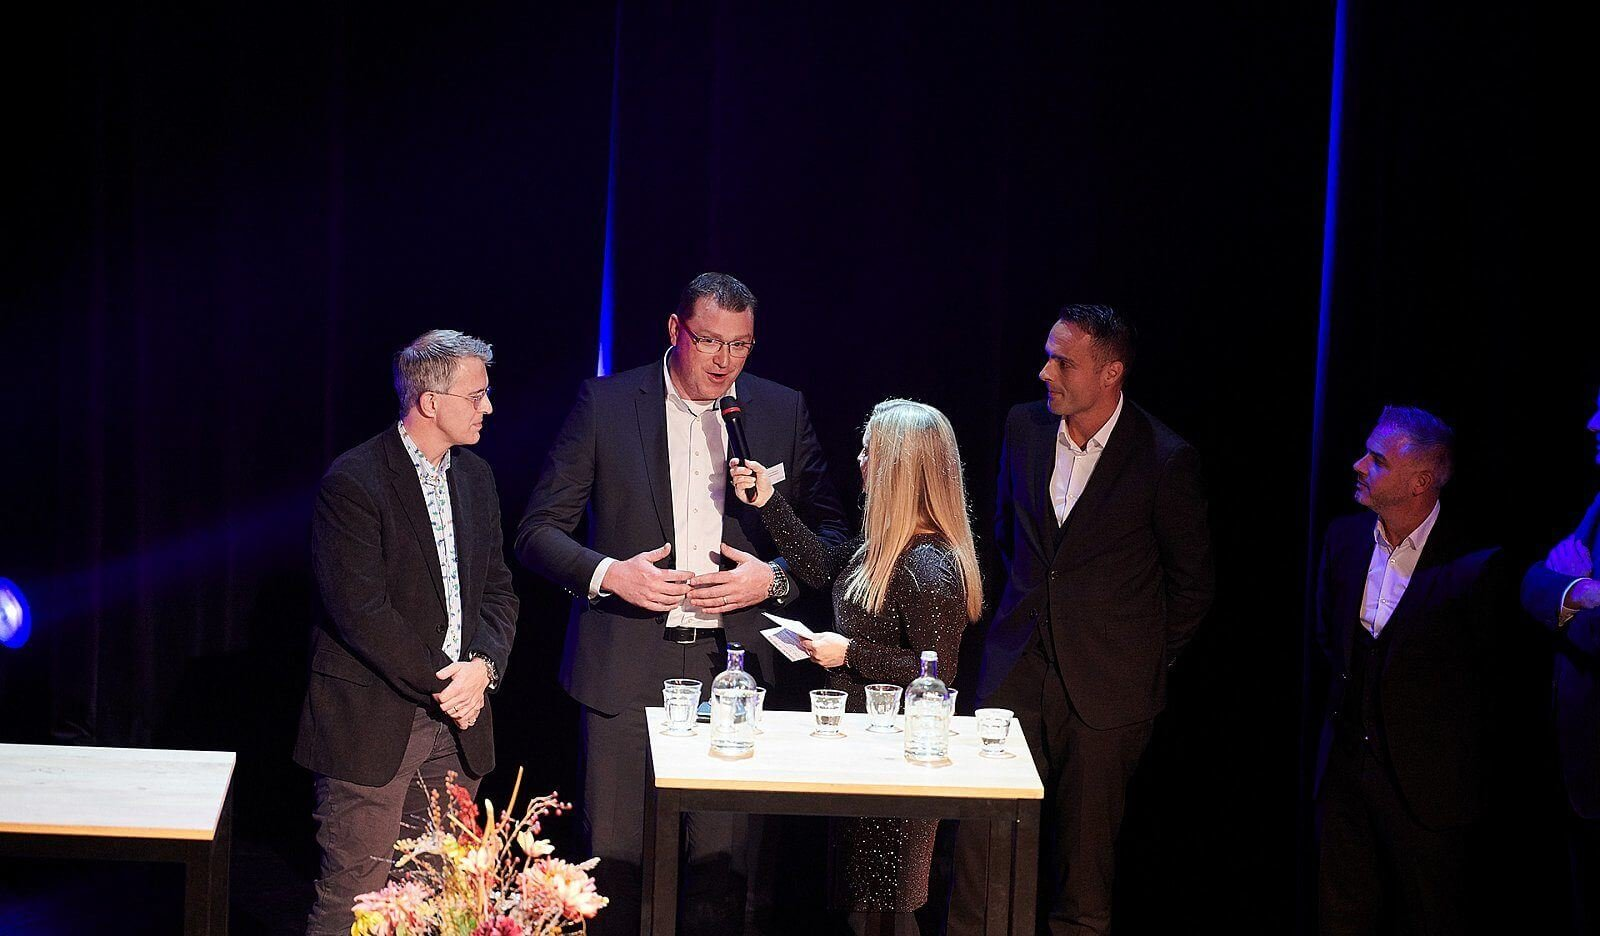 Nominatie Business Award voor Hoppenbrouwers Techniek Roosendaal